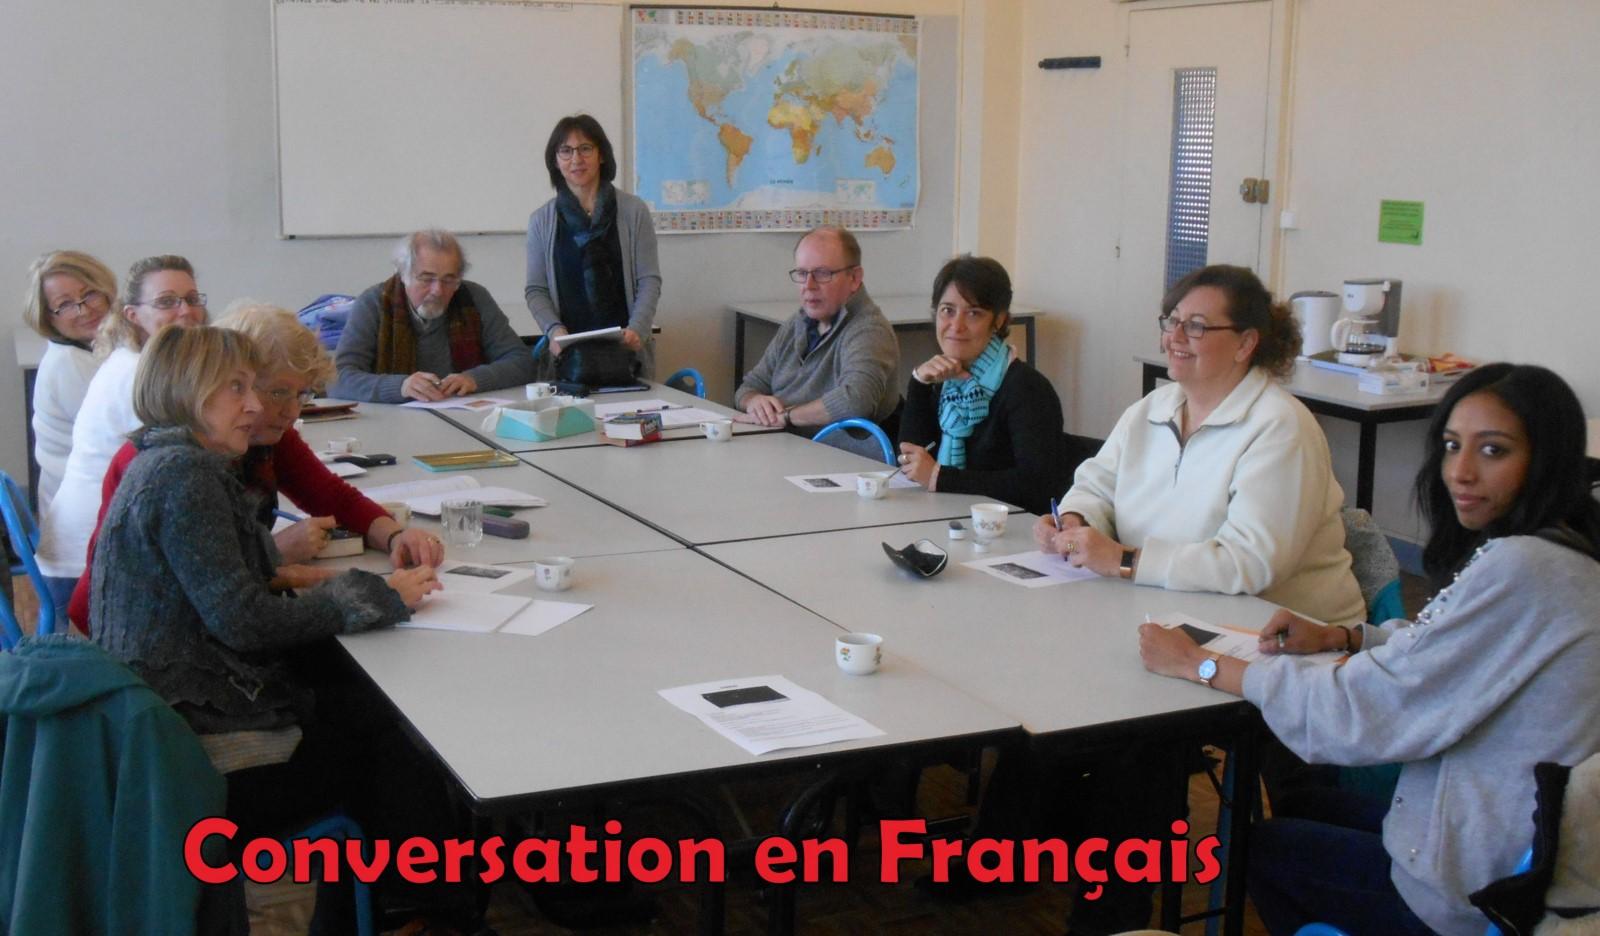 141Conversation en Français